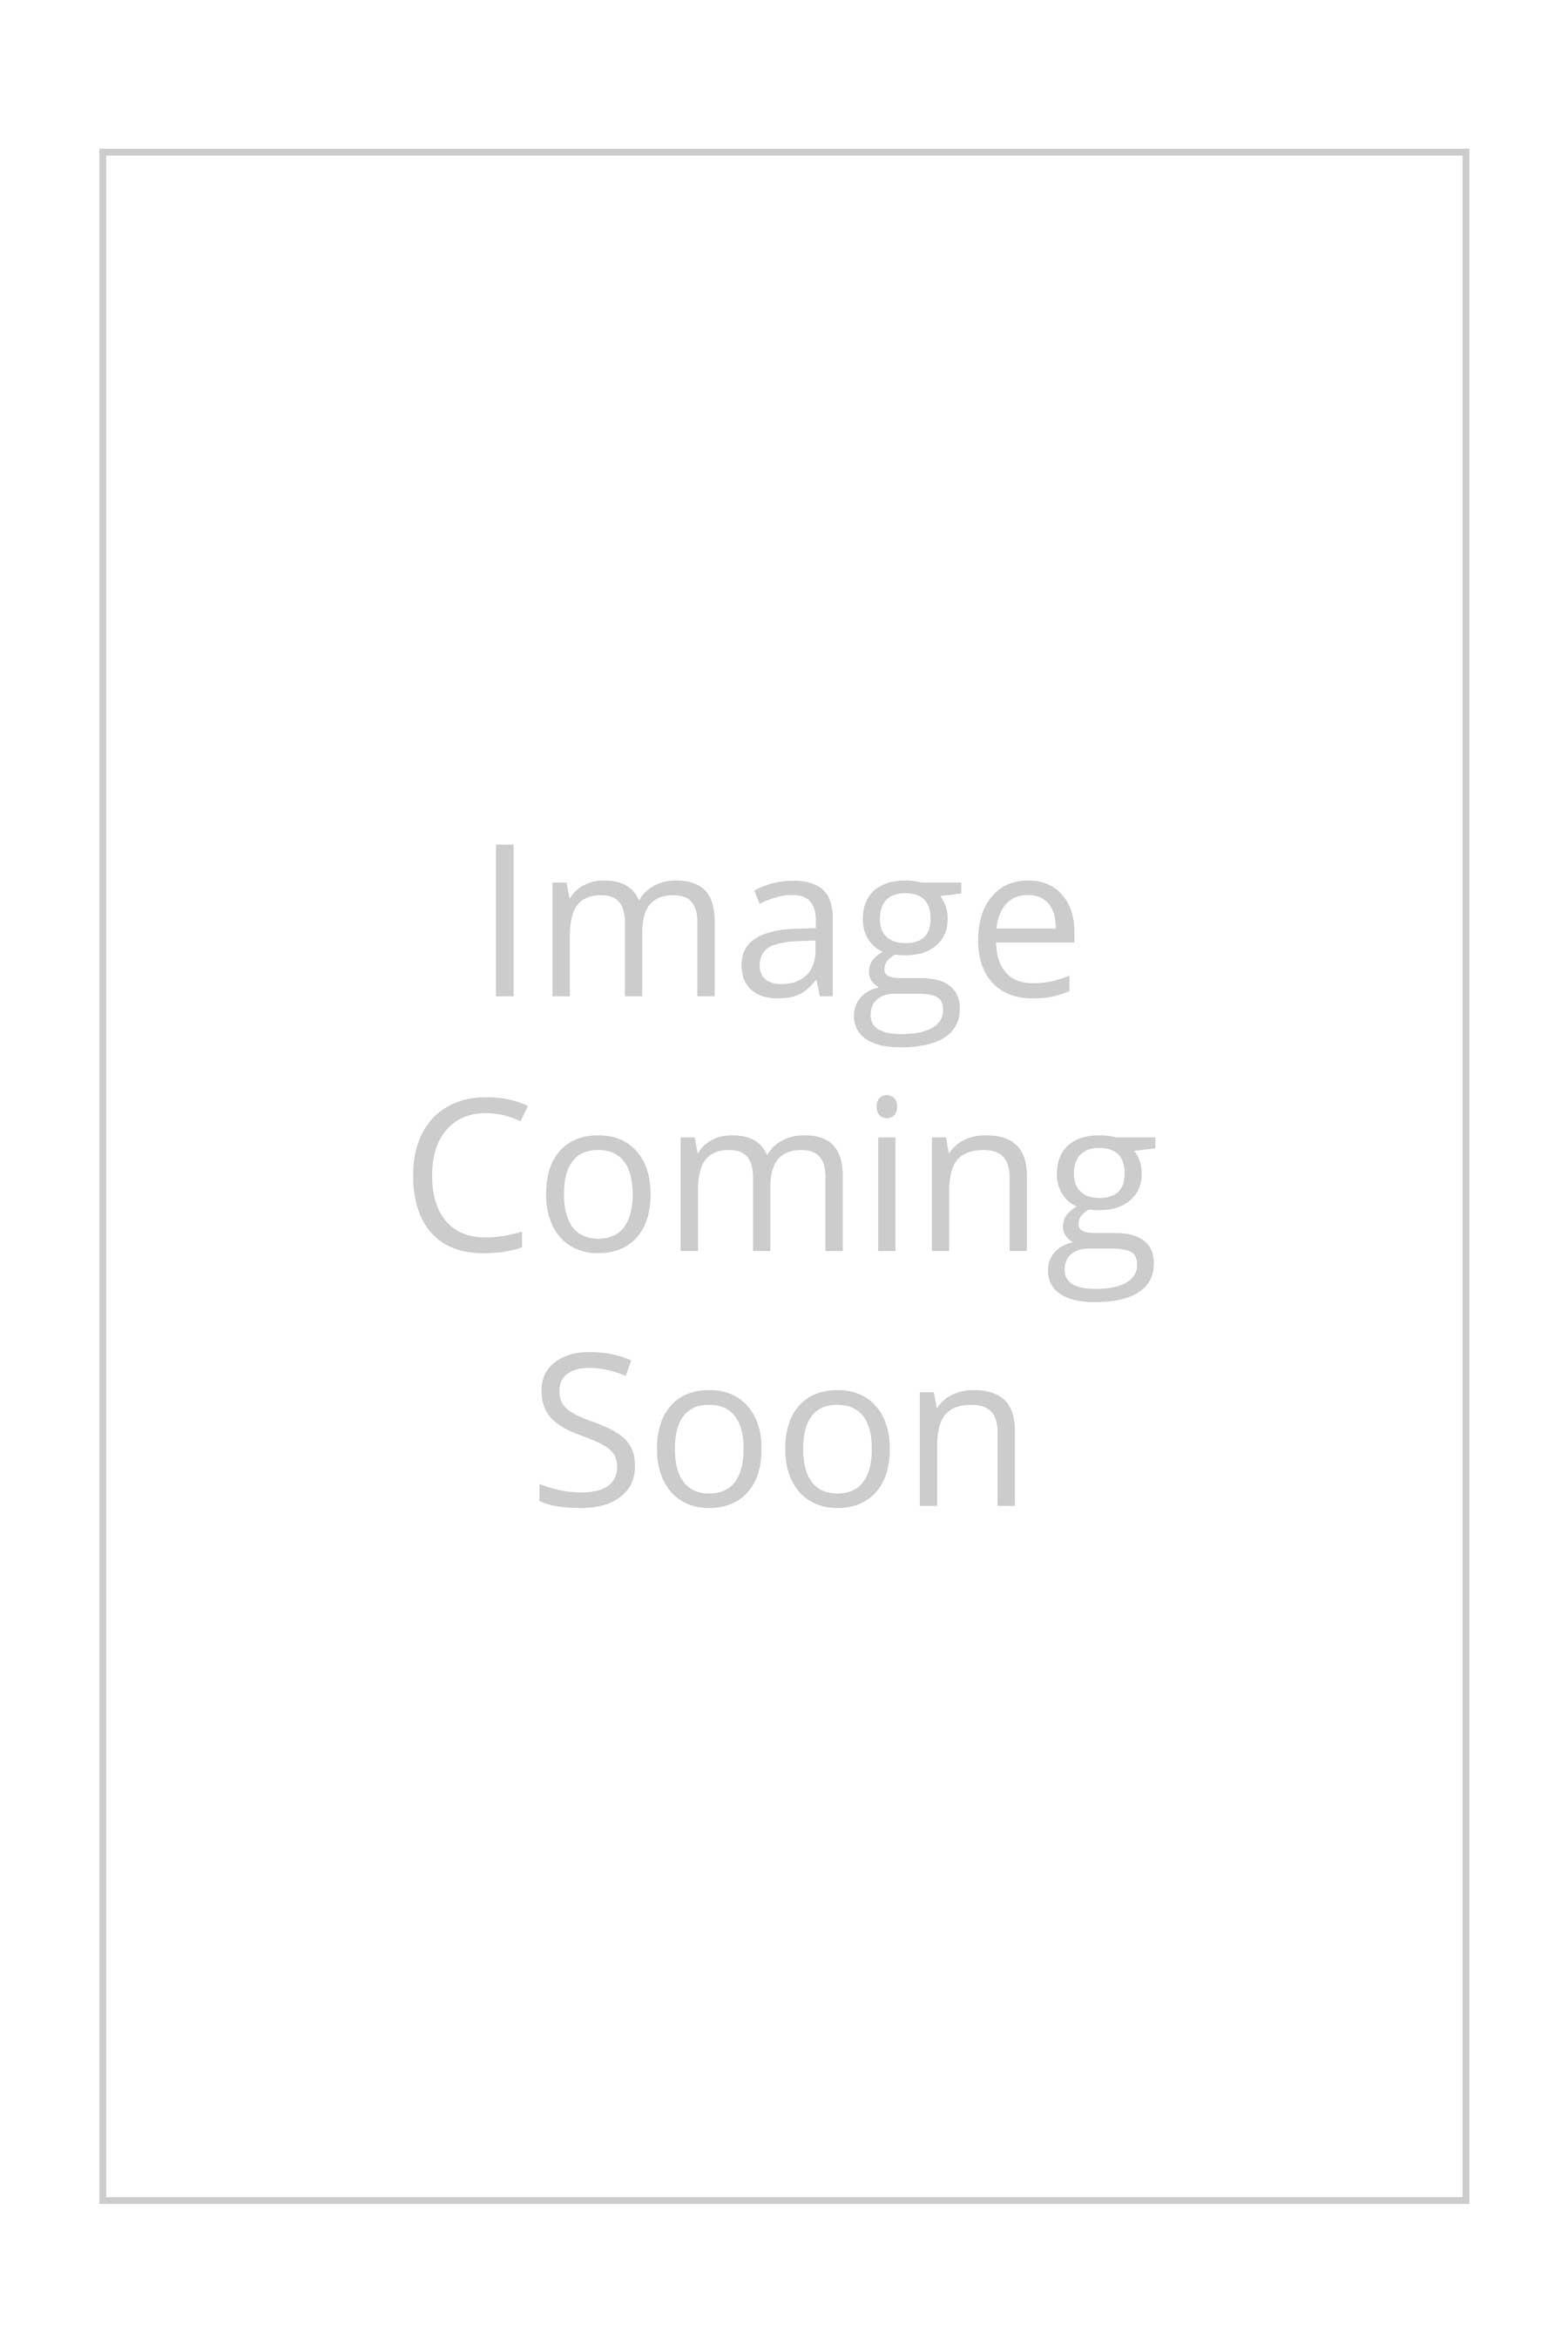 St John Black Santana Knit Jumpsuit w/ Gold Studs & Stirrups